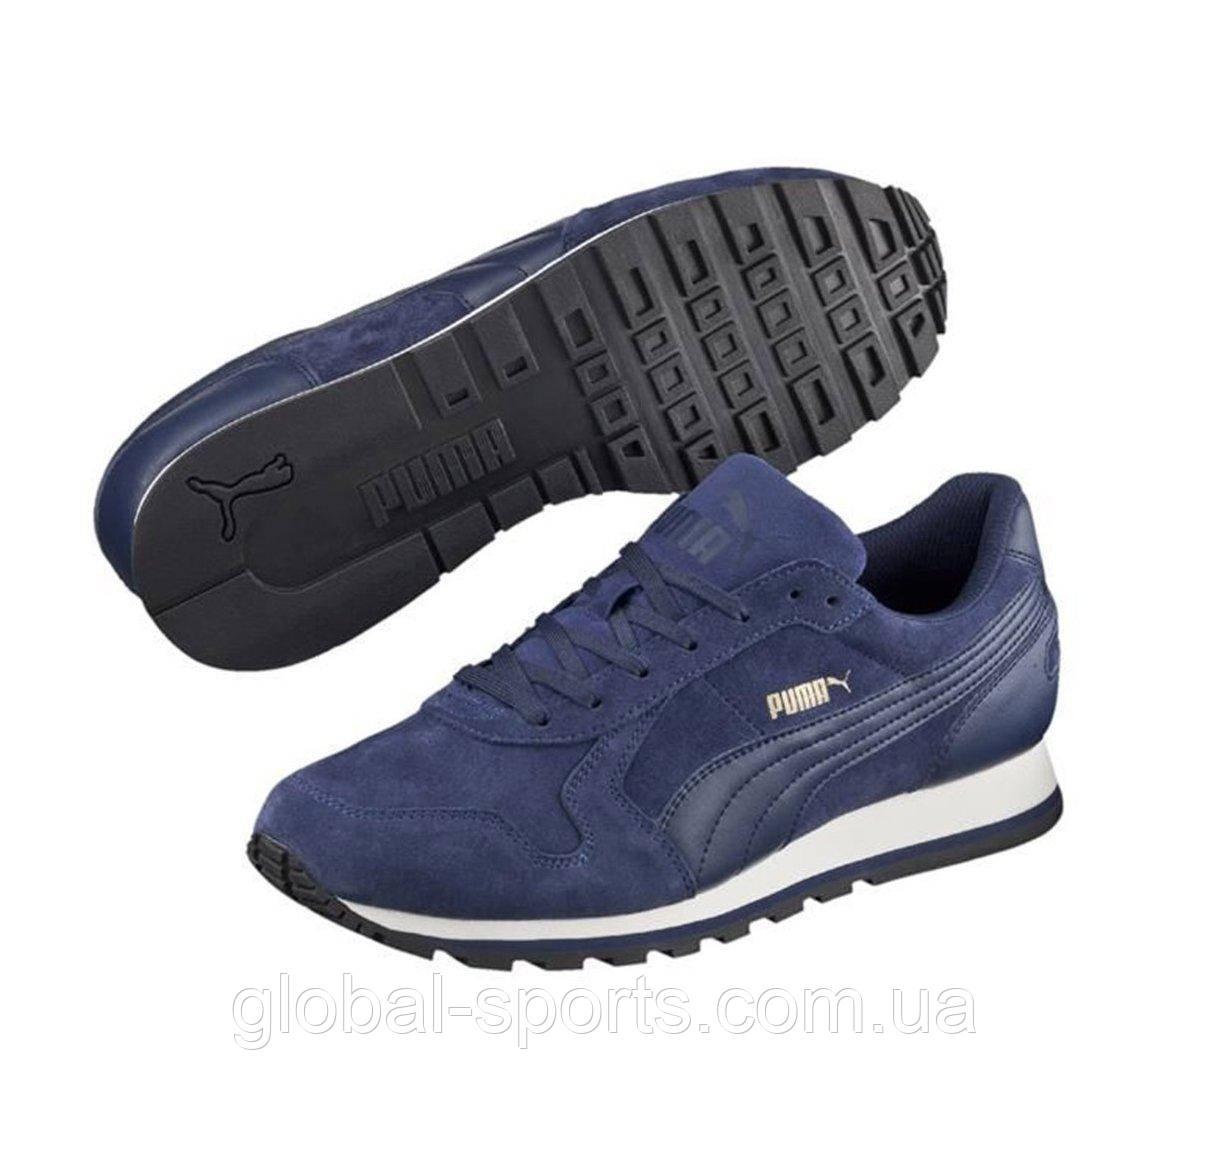 Чоловічі кросівки Puma ST Runner SD(Артикул:35912804)